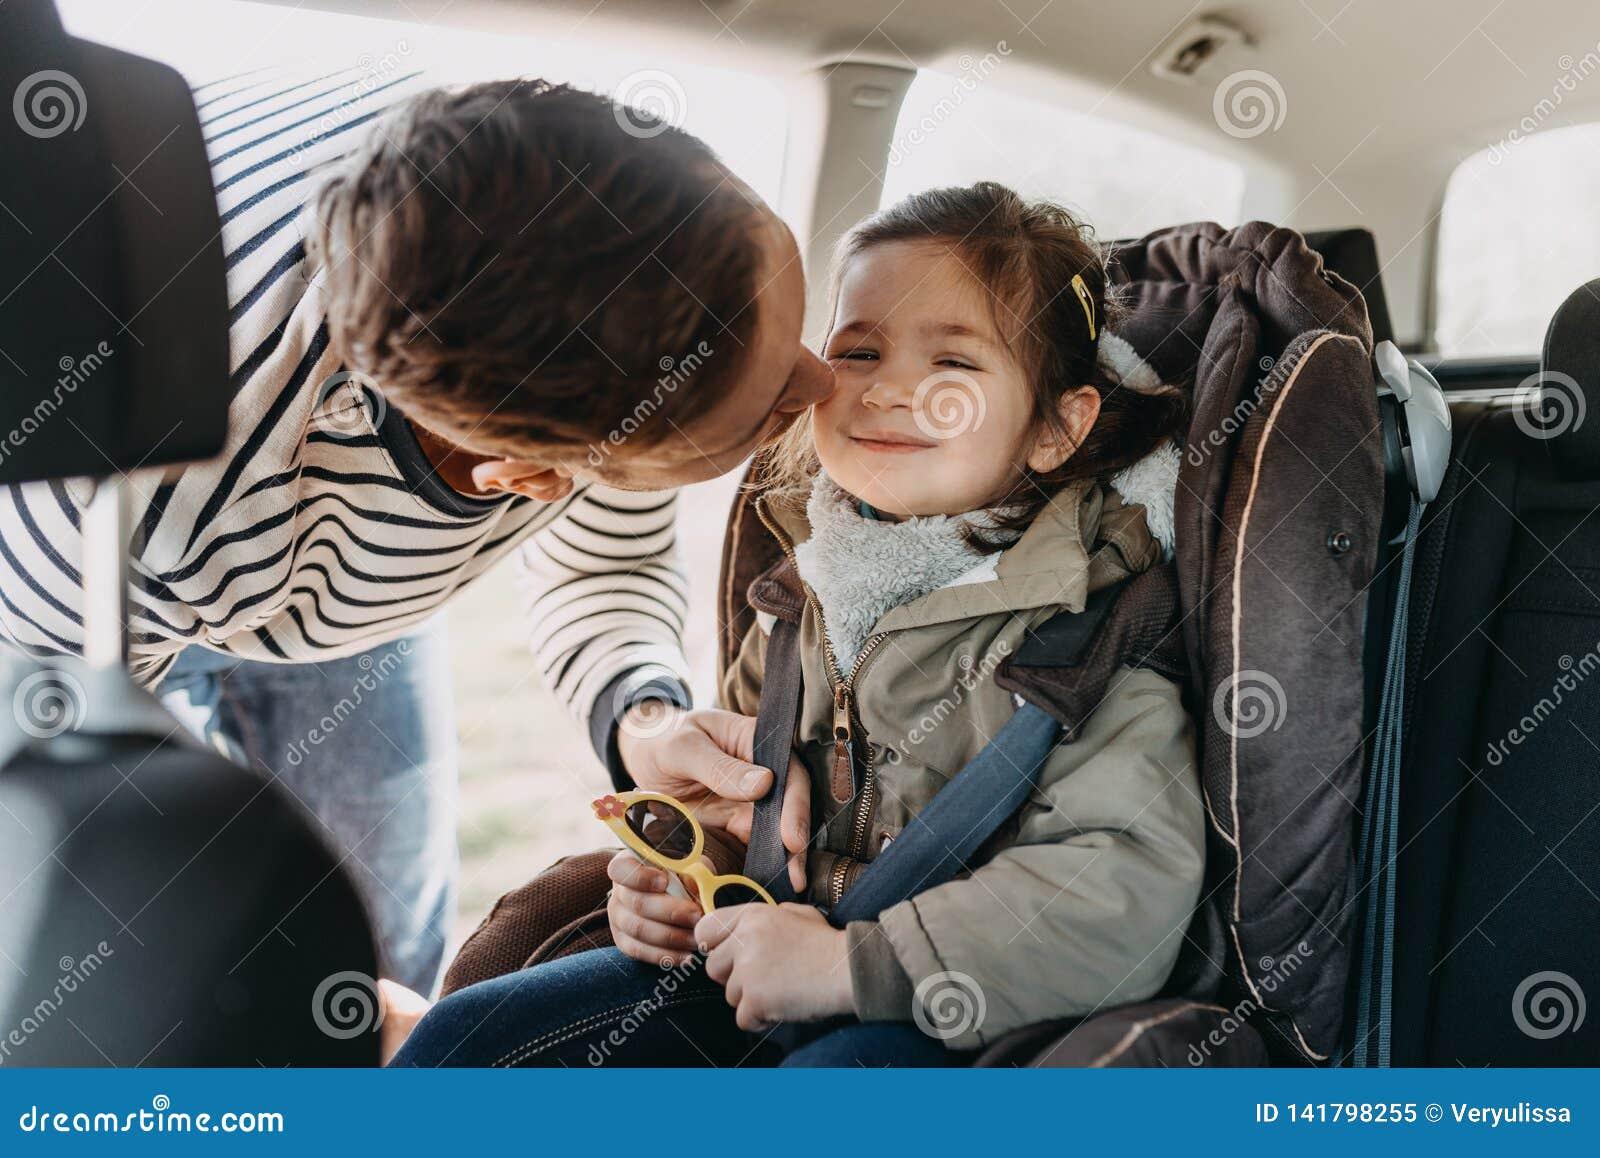 El padre besa a su hija del niño abrochada en su asiento de carro del bebé